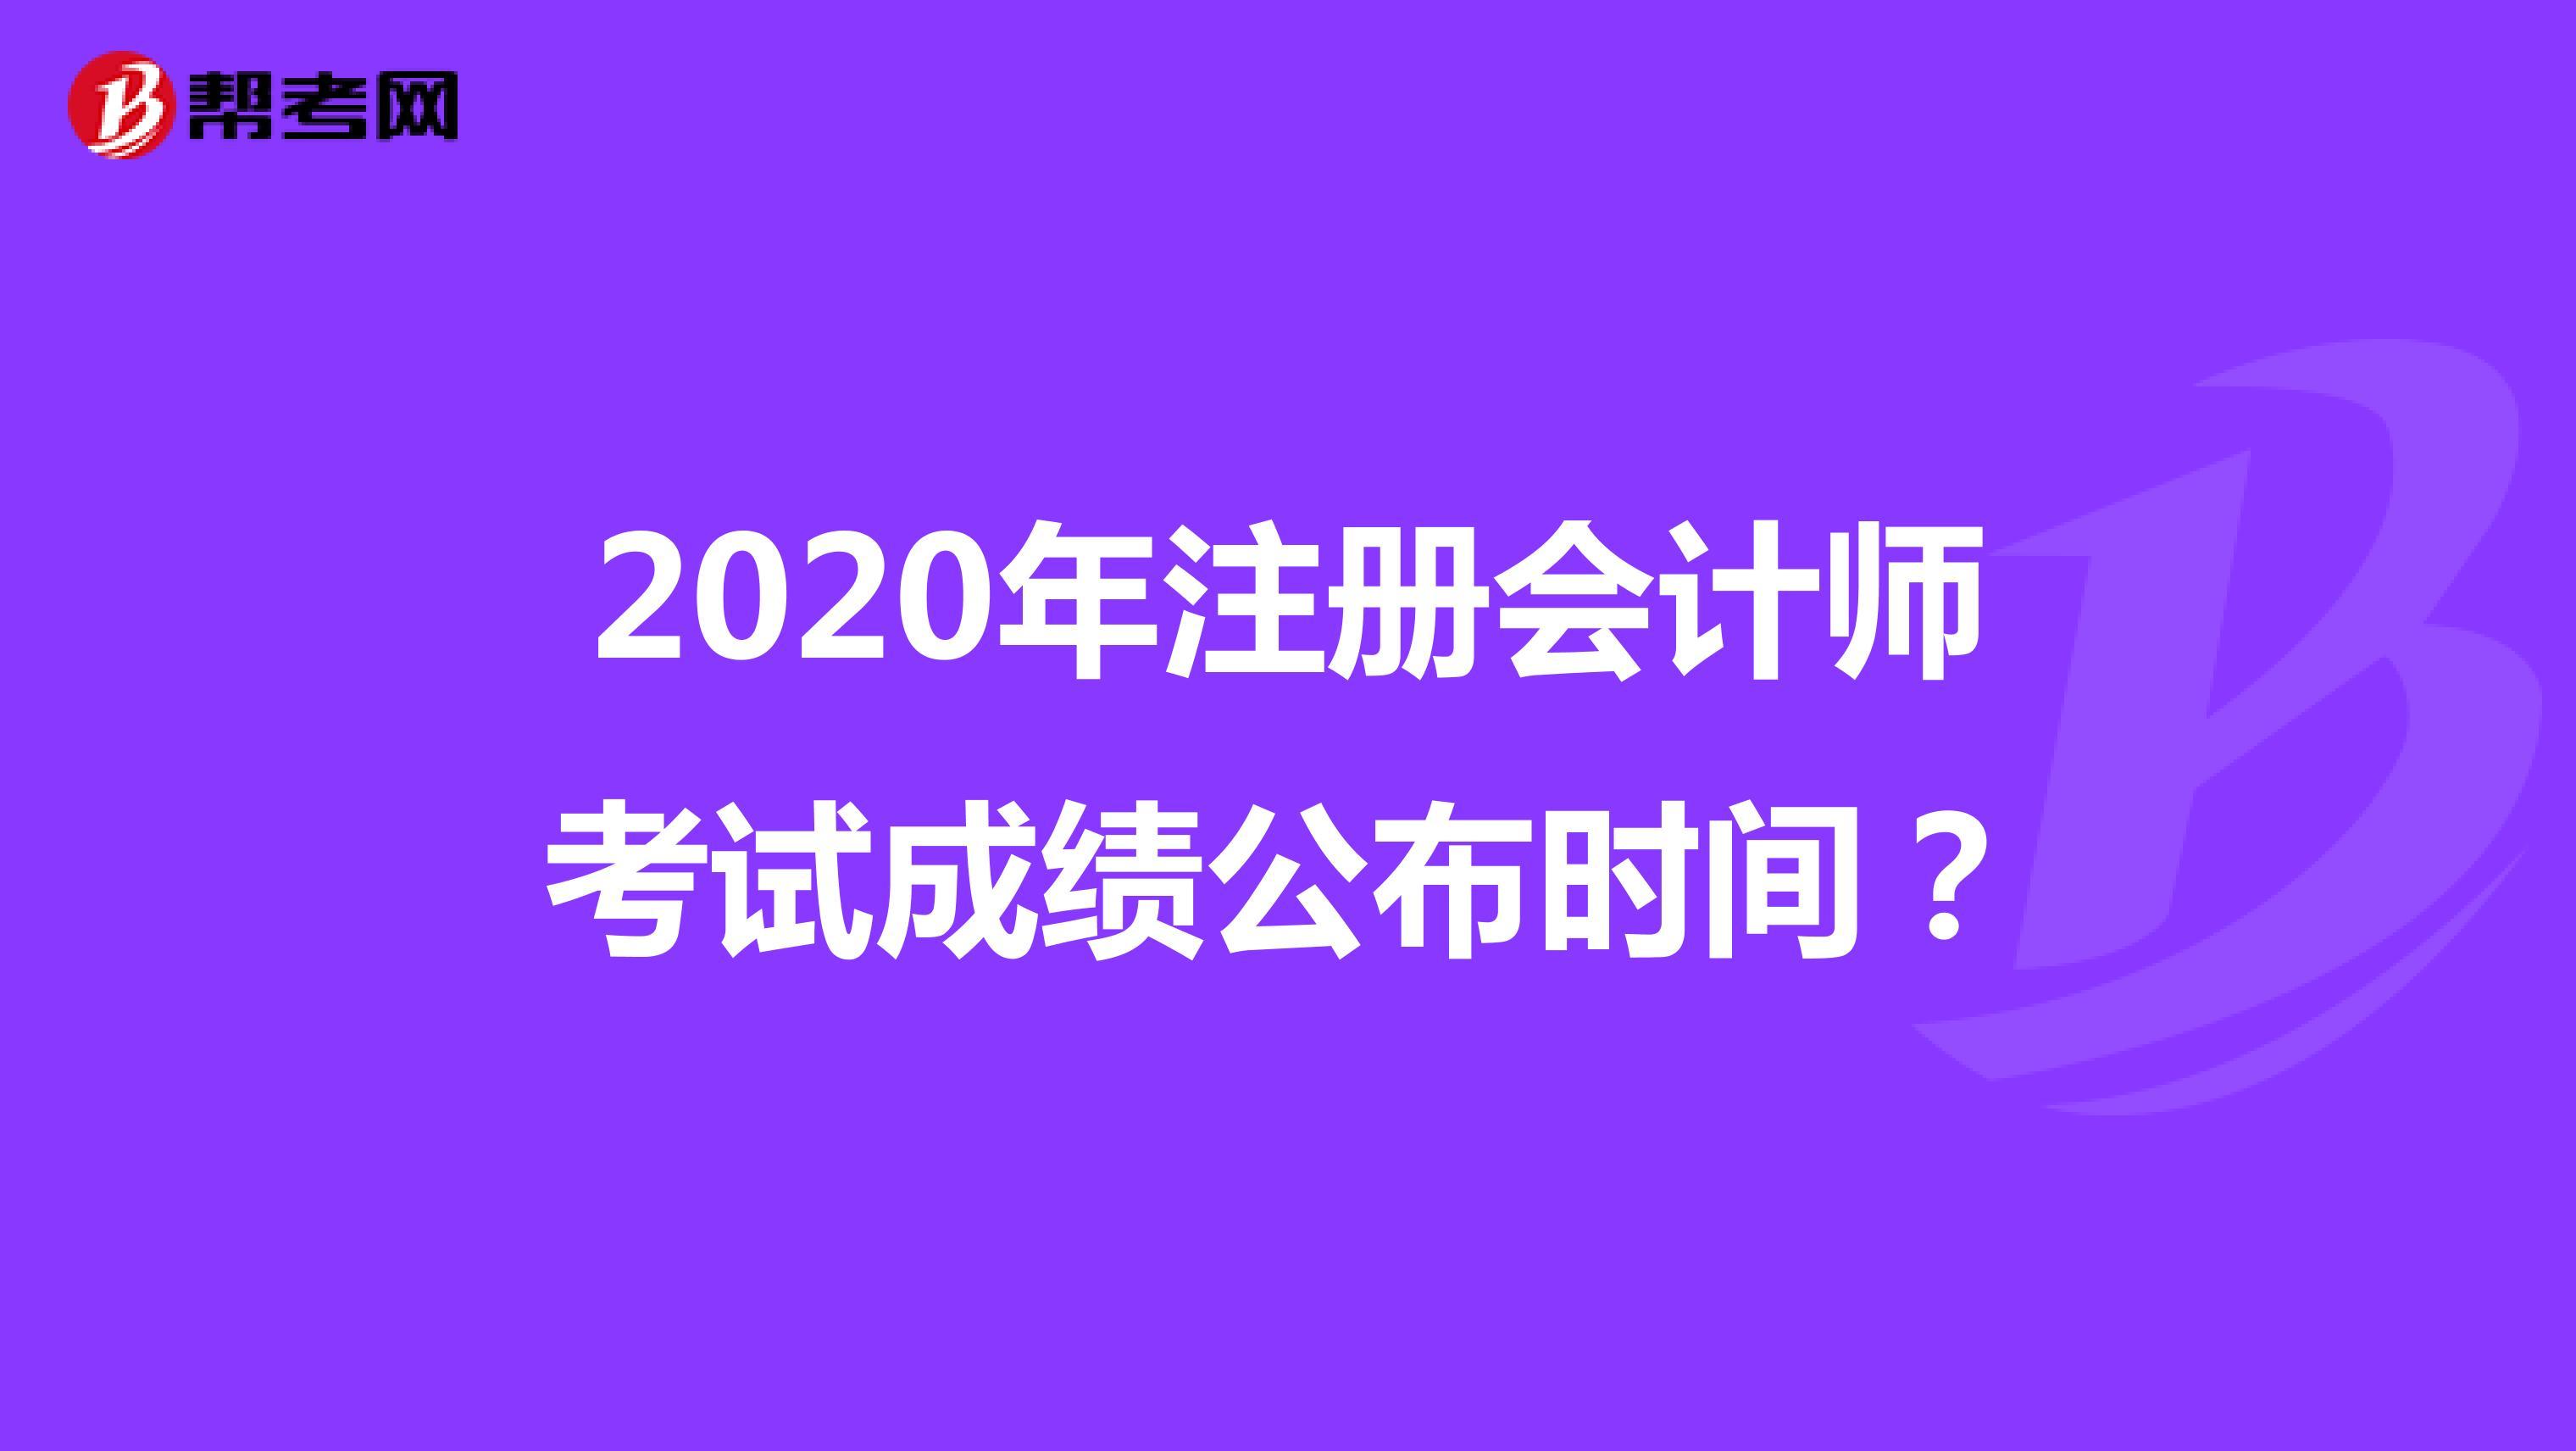 2020年注冊會計師考試成績公布時間?